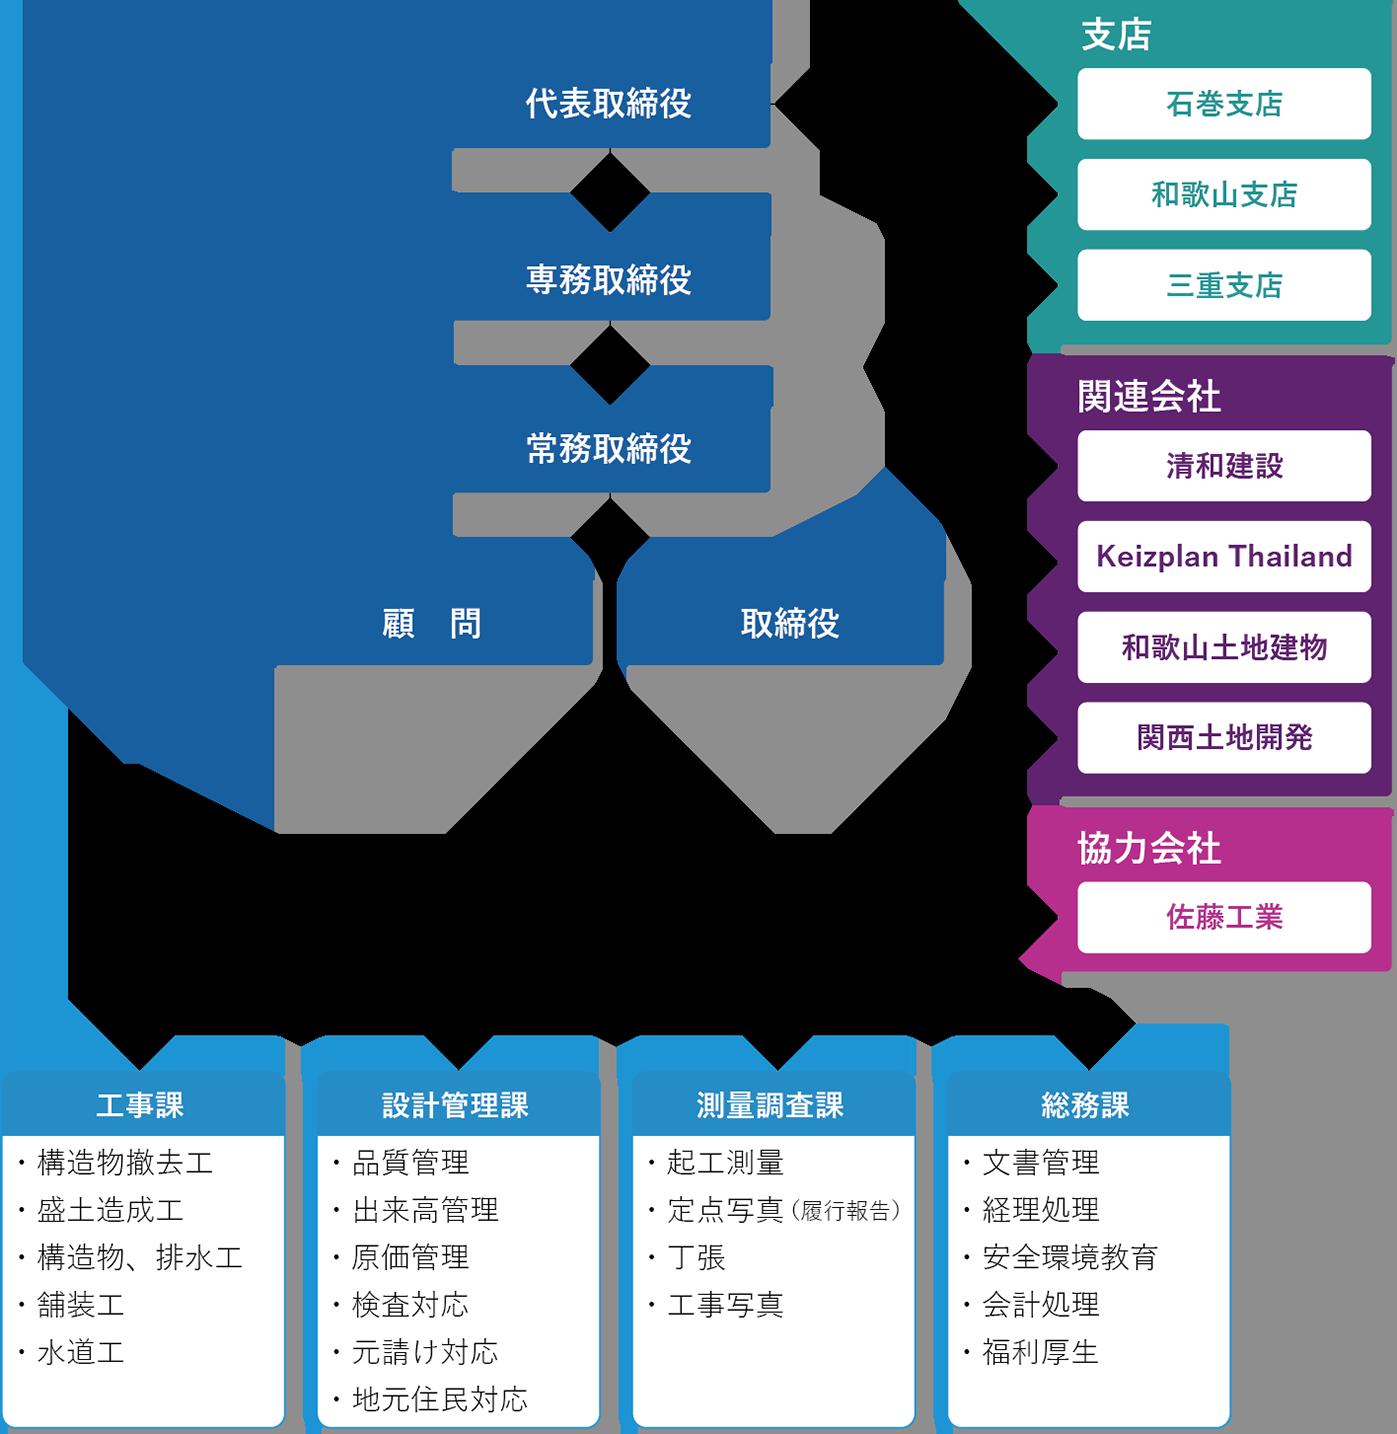 株式会社K'sプラン組織図